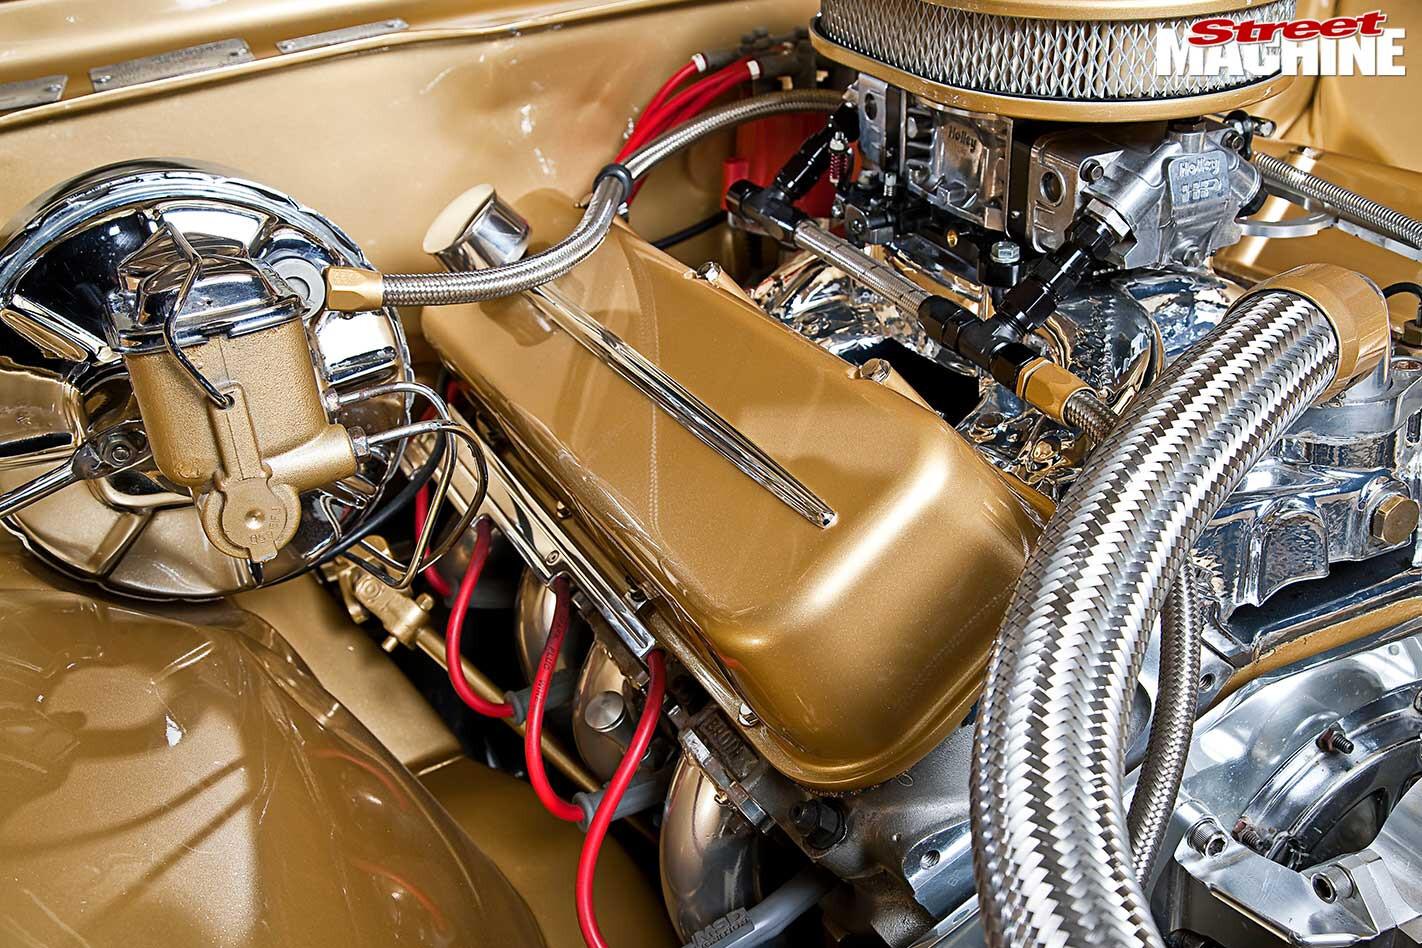 Holden HG Premier engine bay